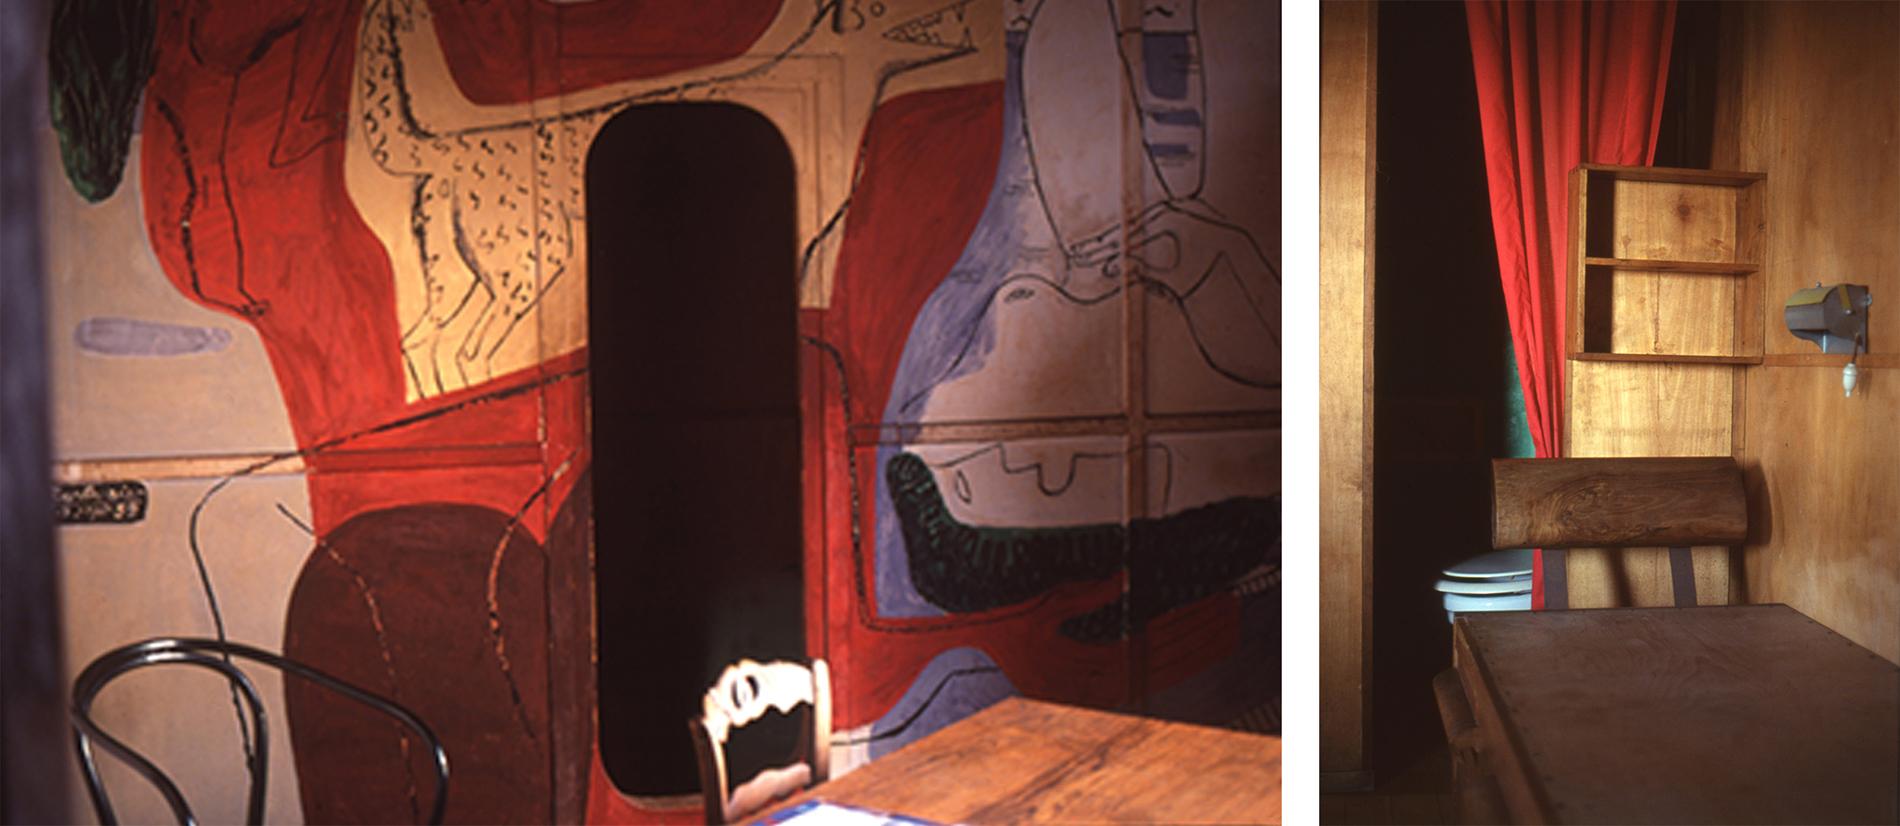 Bild tv: Målning från värdshuset med dörr in till Le Cabanon. Bild th: Interiör detalj med träsoffa och vattenklosett. Foton: Olle Svedberg